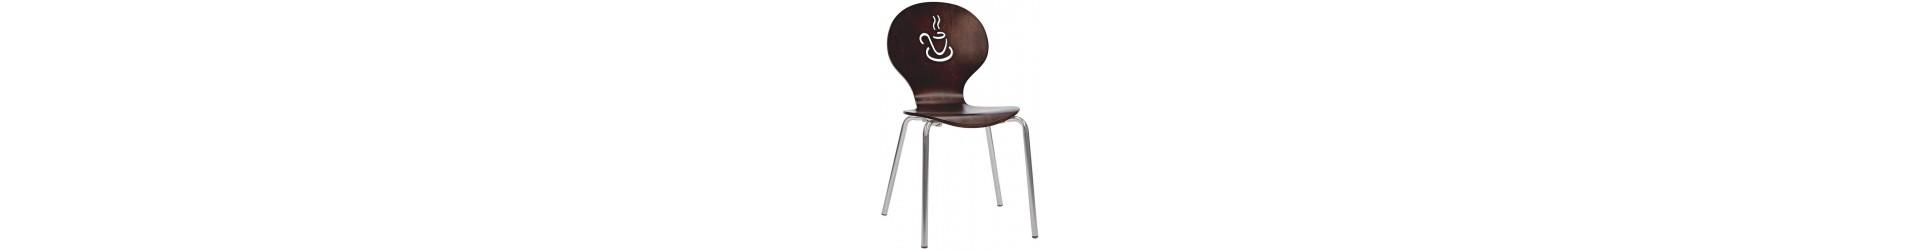 Vous cherchez une chaise professionnelle pour votre établissement? Il s'agit de l'endroit.